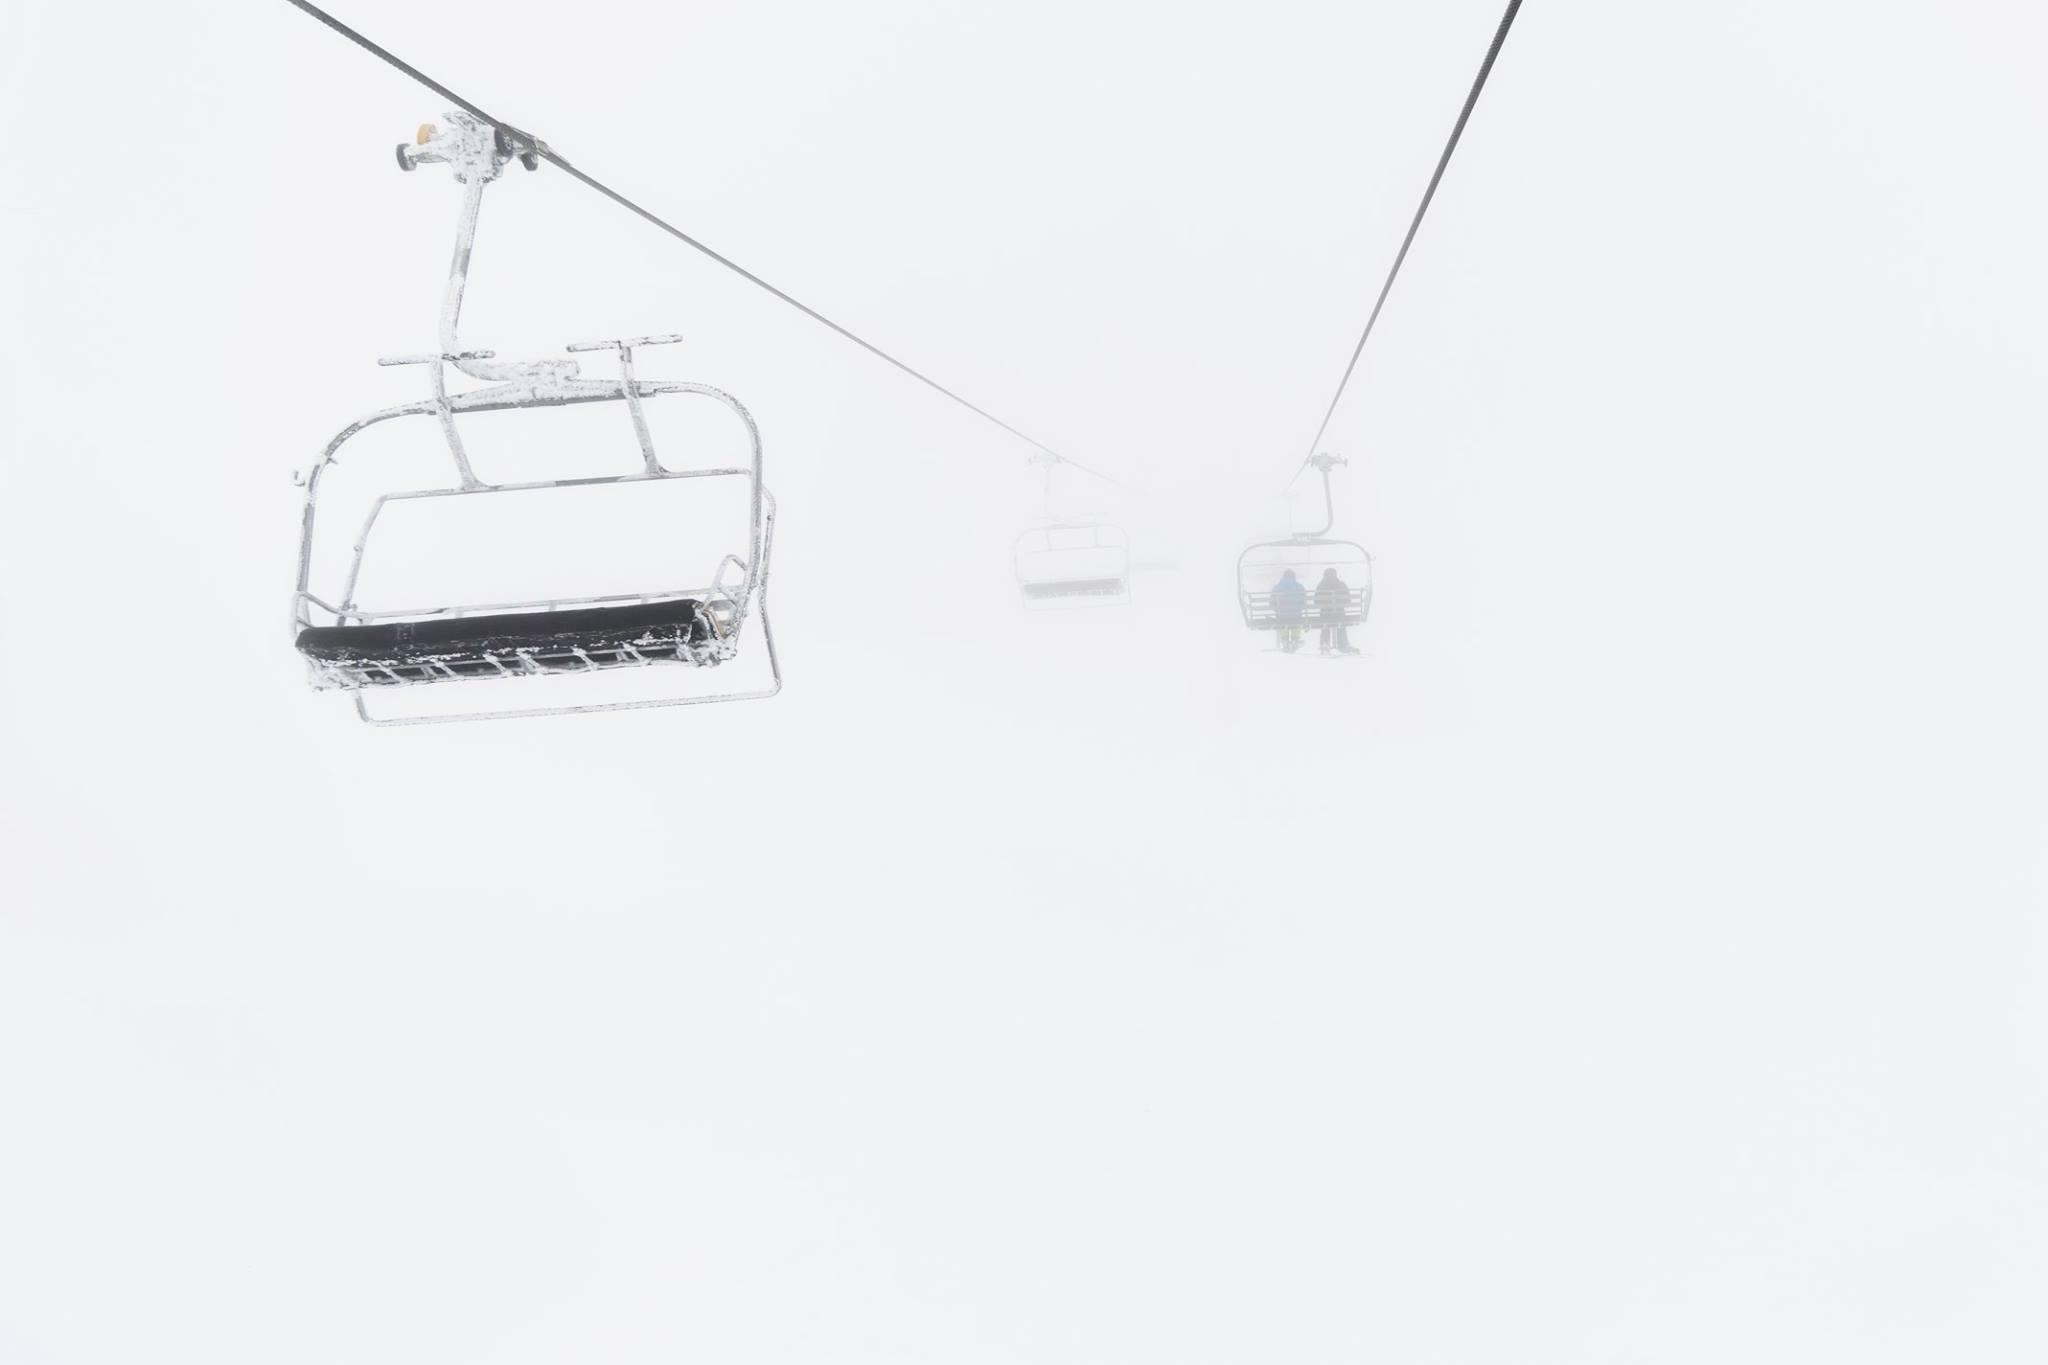 Maverik Salt Lake City